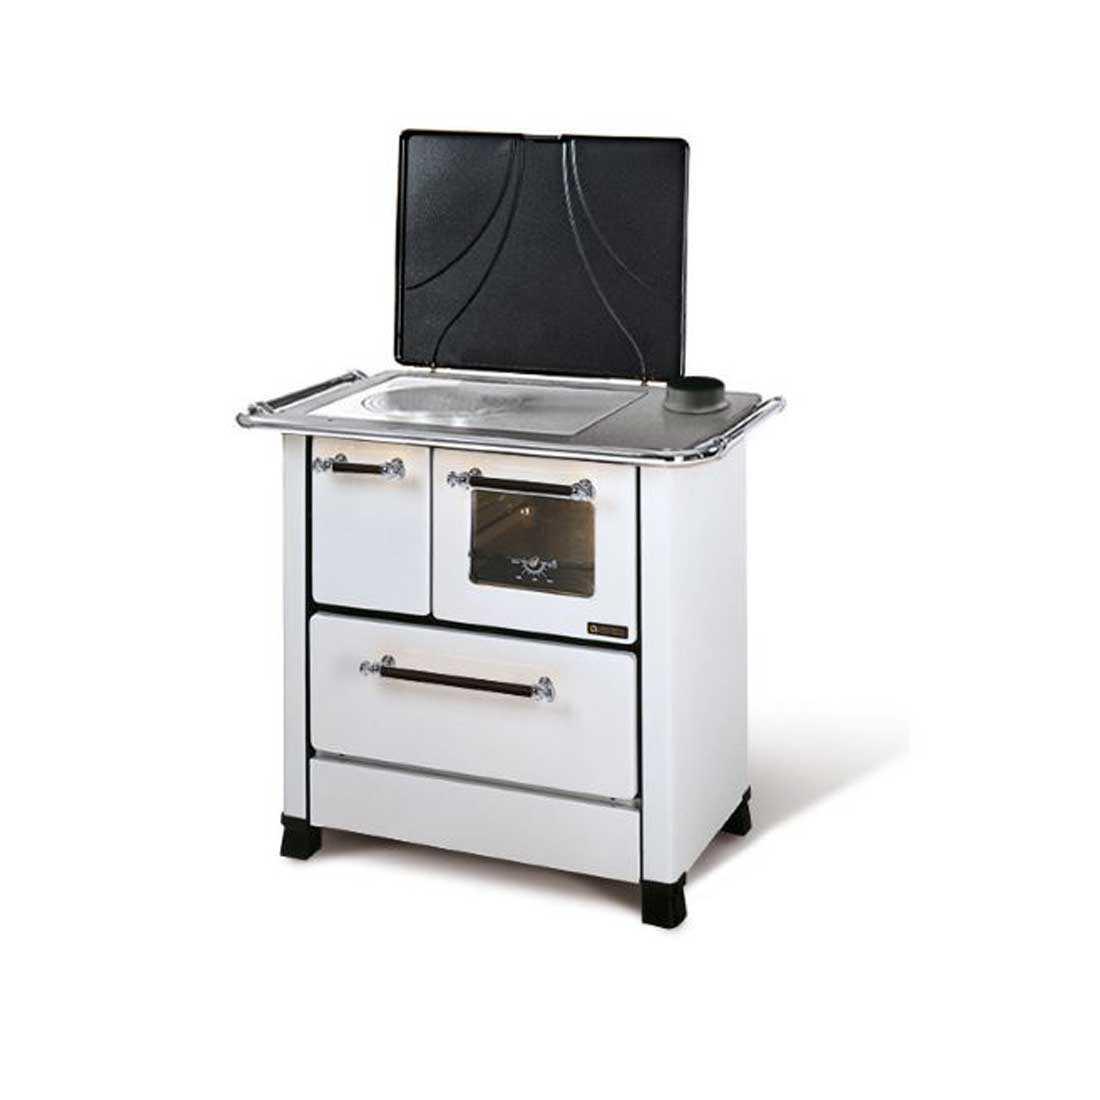 Cucina a legna bianca modello Romantica 4,5 di Nordica potenza termica 6,0 Kw